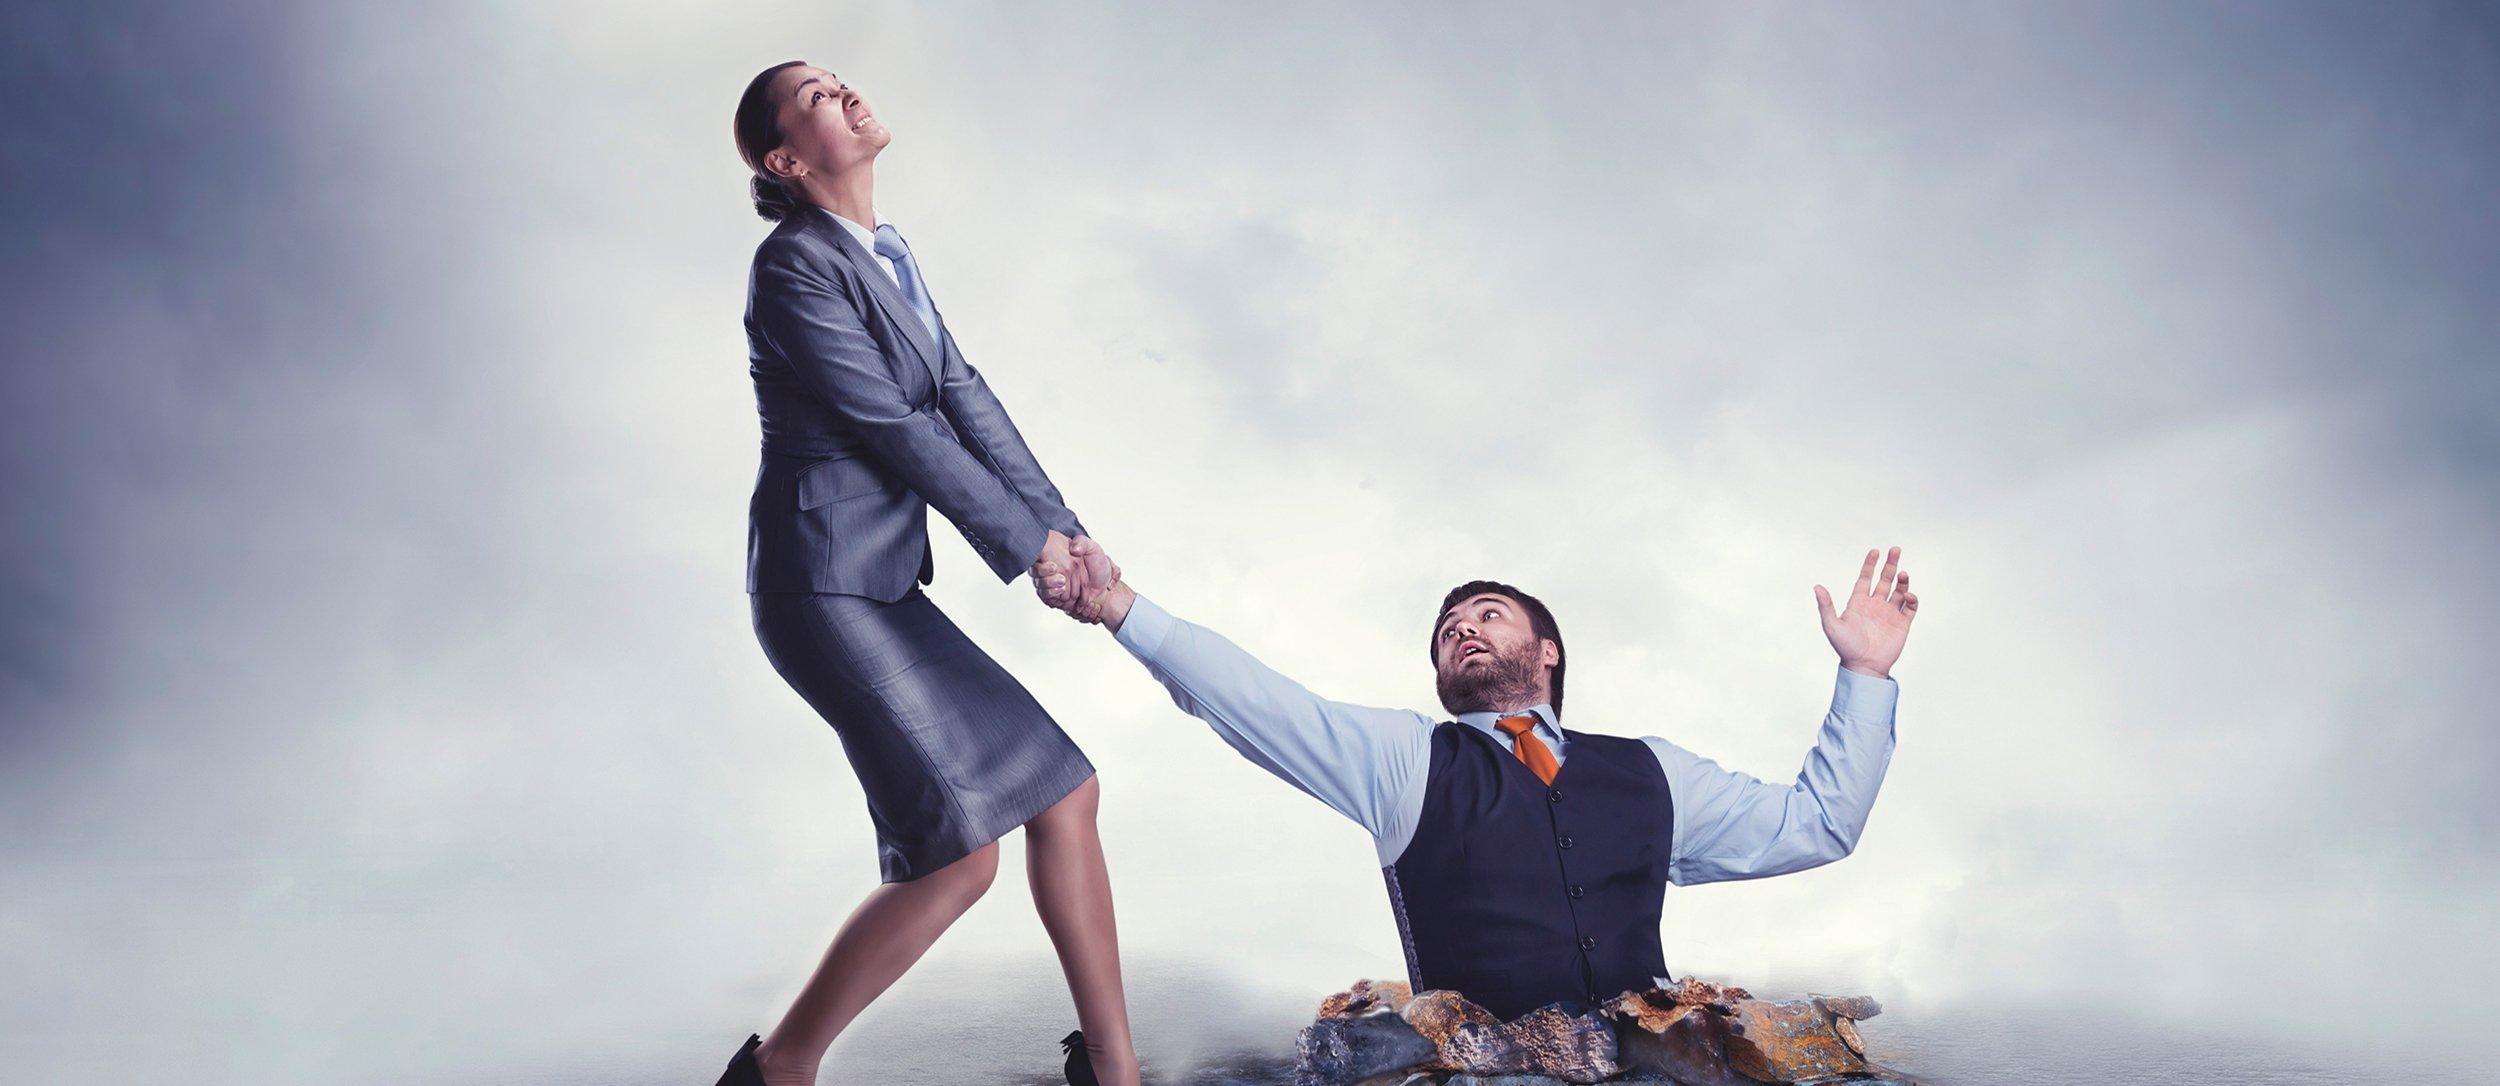 CV-tips för perfekta ansökan